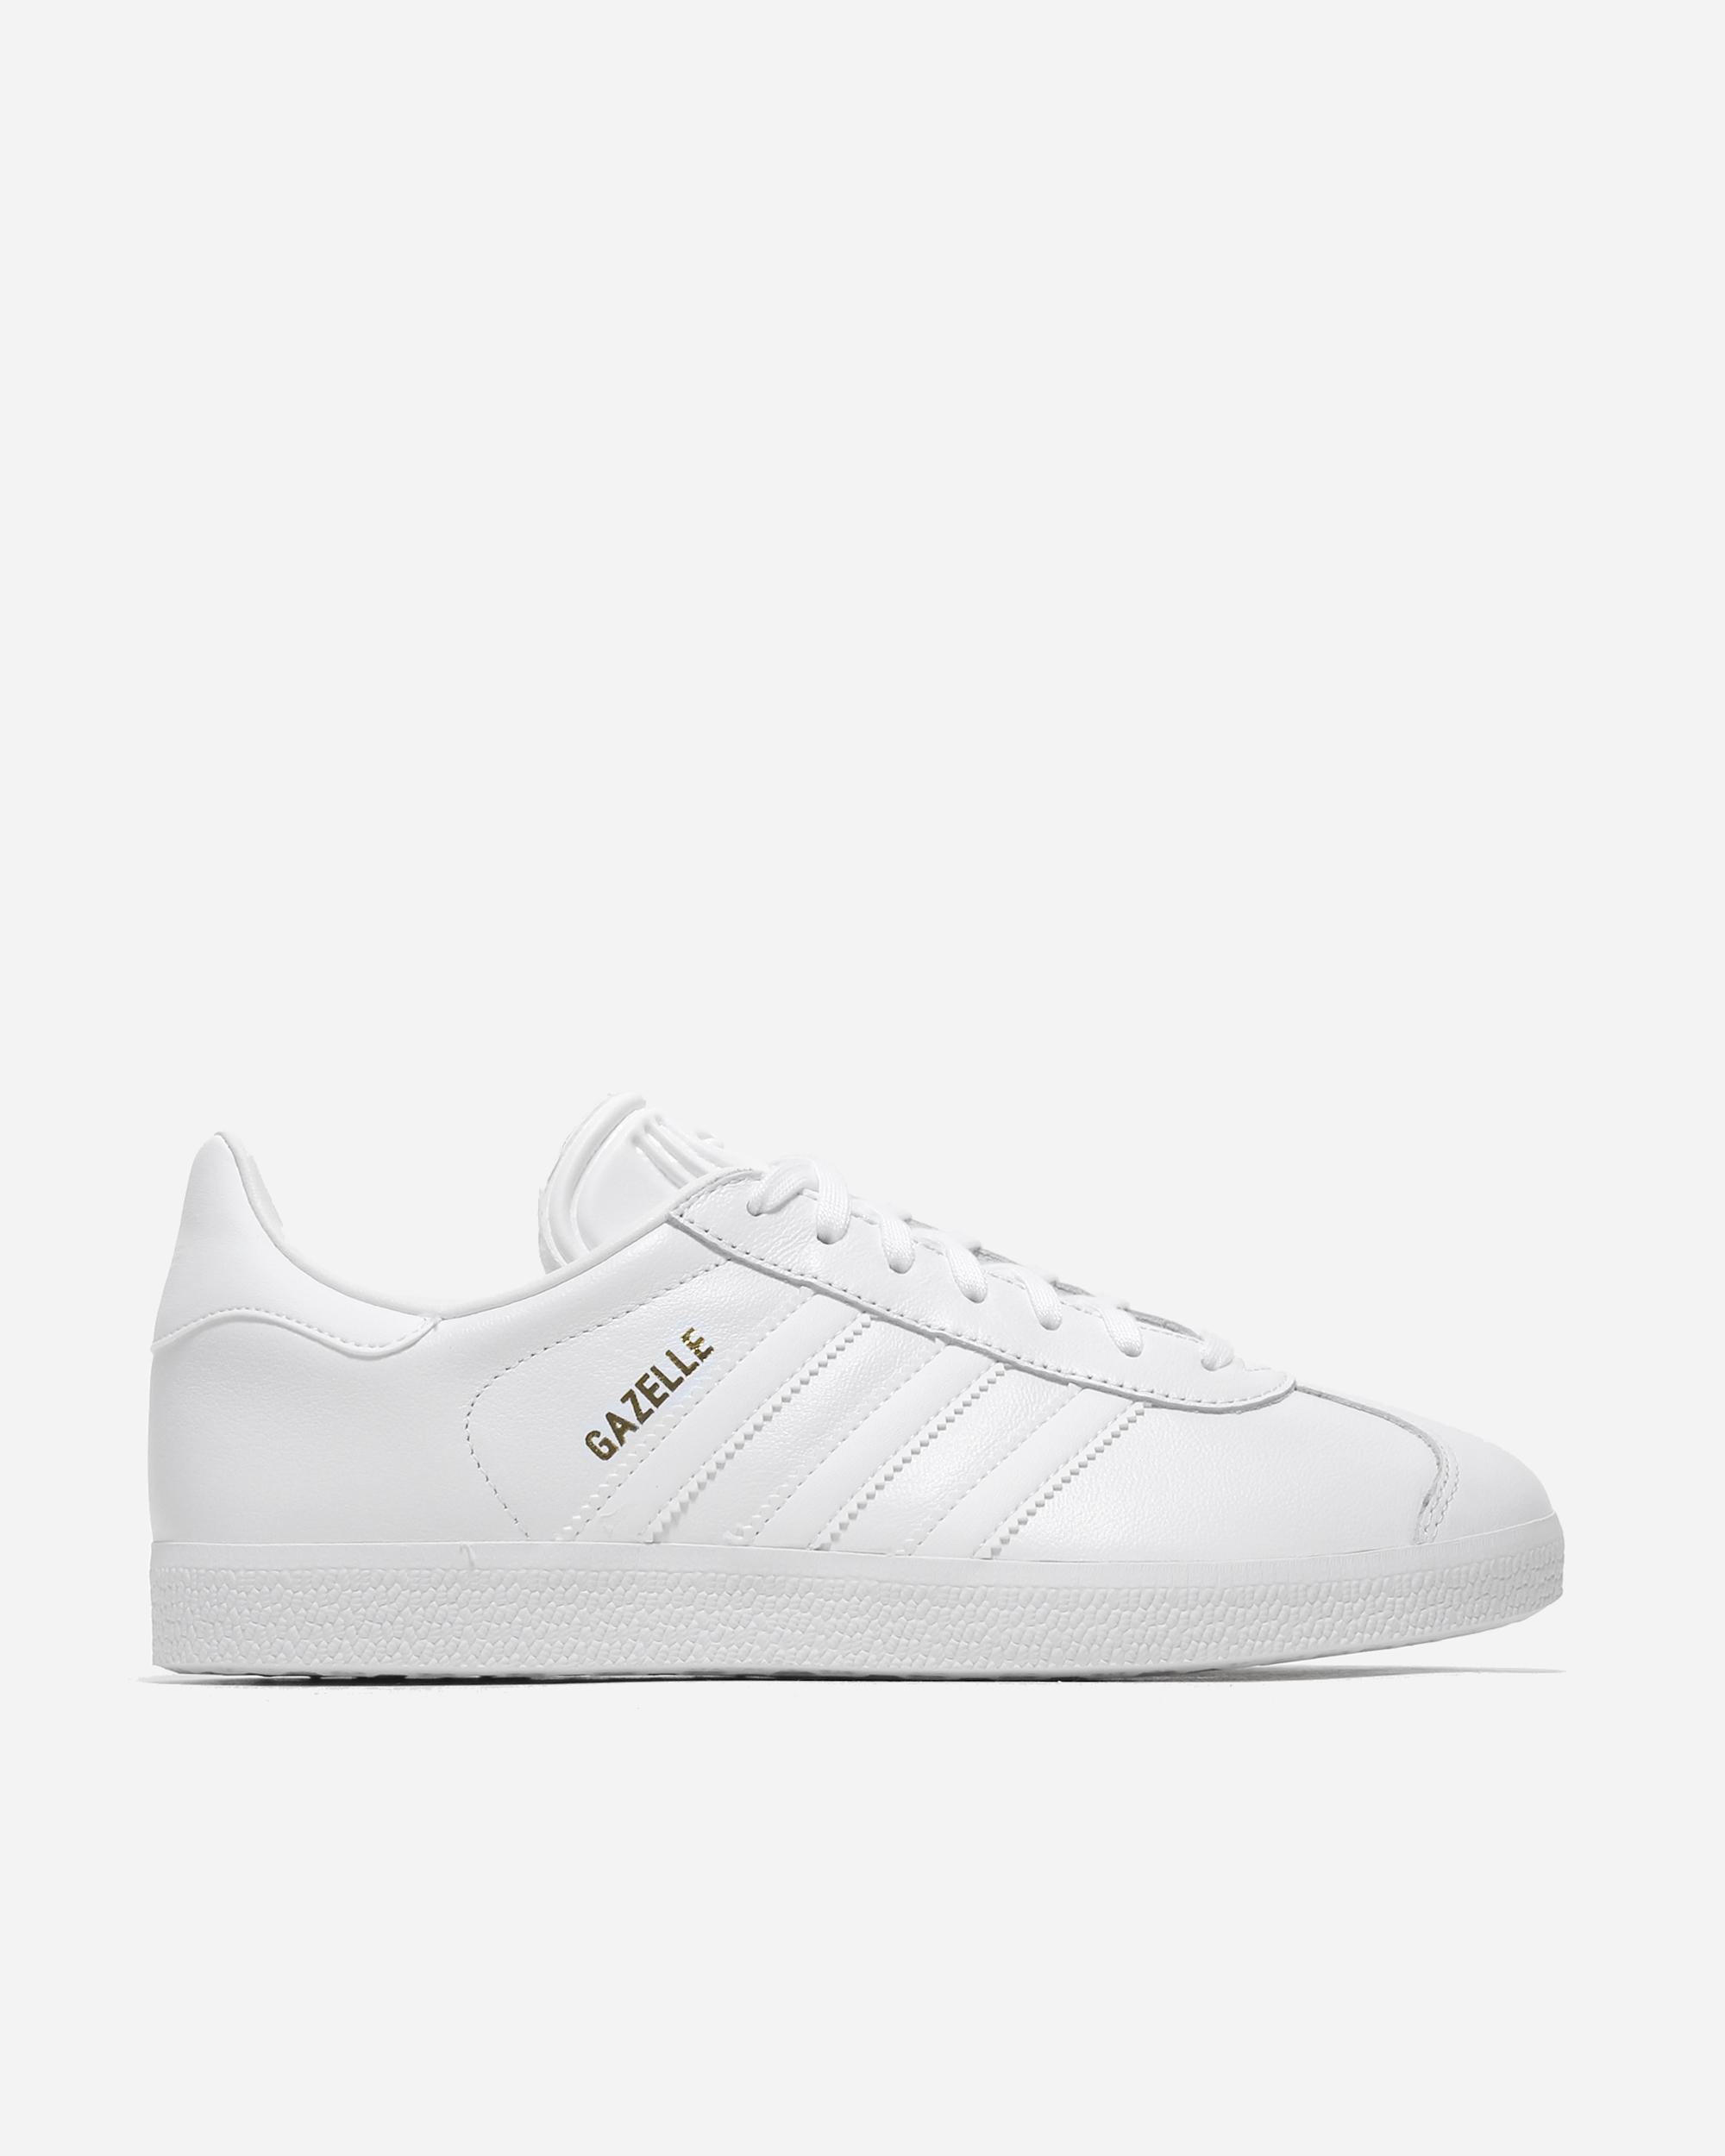 Adidas Originals Gazelle White | BB5498